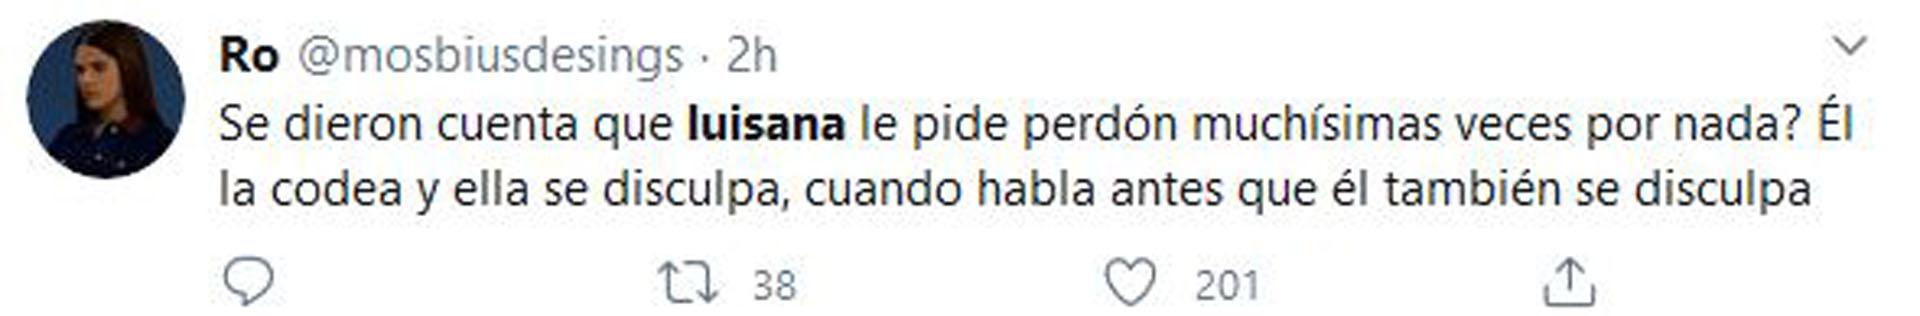 Algunos de los mensajes en las redes sociales sobre los gestos de Michael Bublé con Luisana Lopilatio